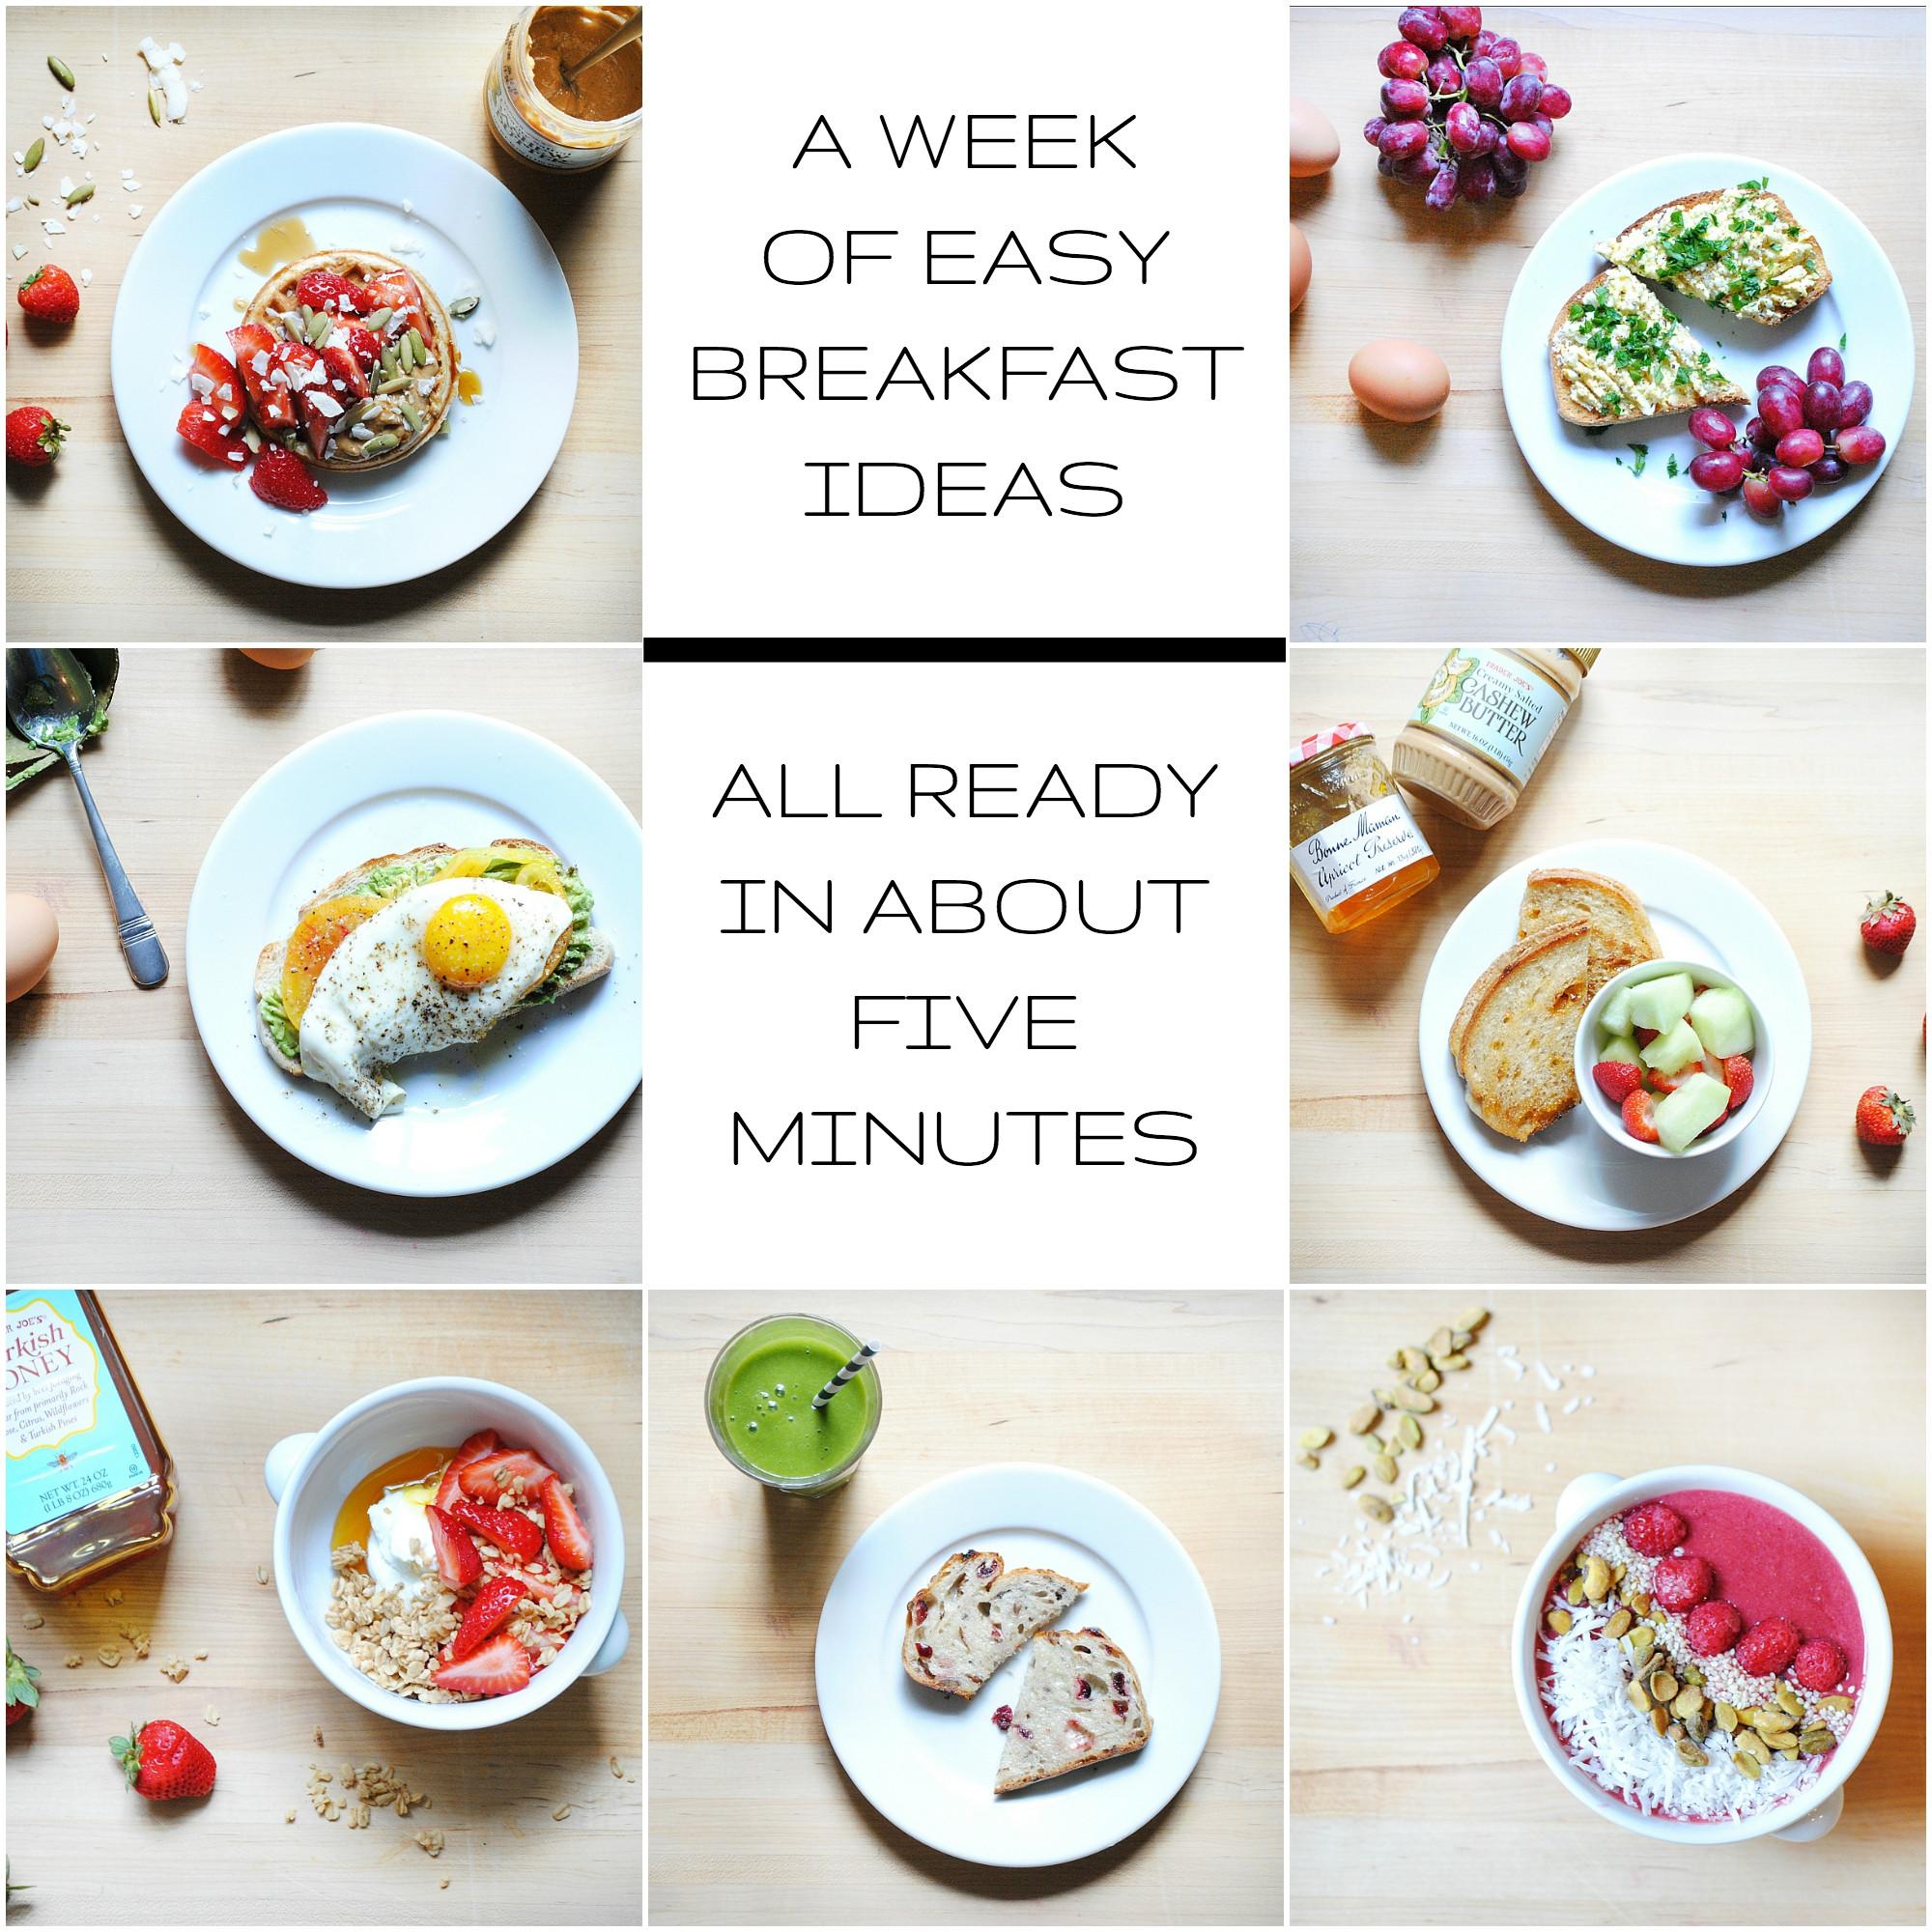 Easy Healthy Breakfast Ideas  A Week of Healthy Easy Breakfast Ideas All Ready in